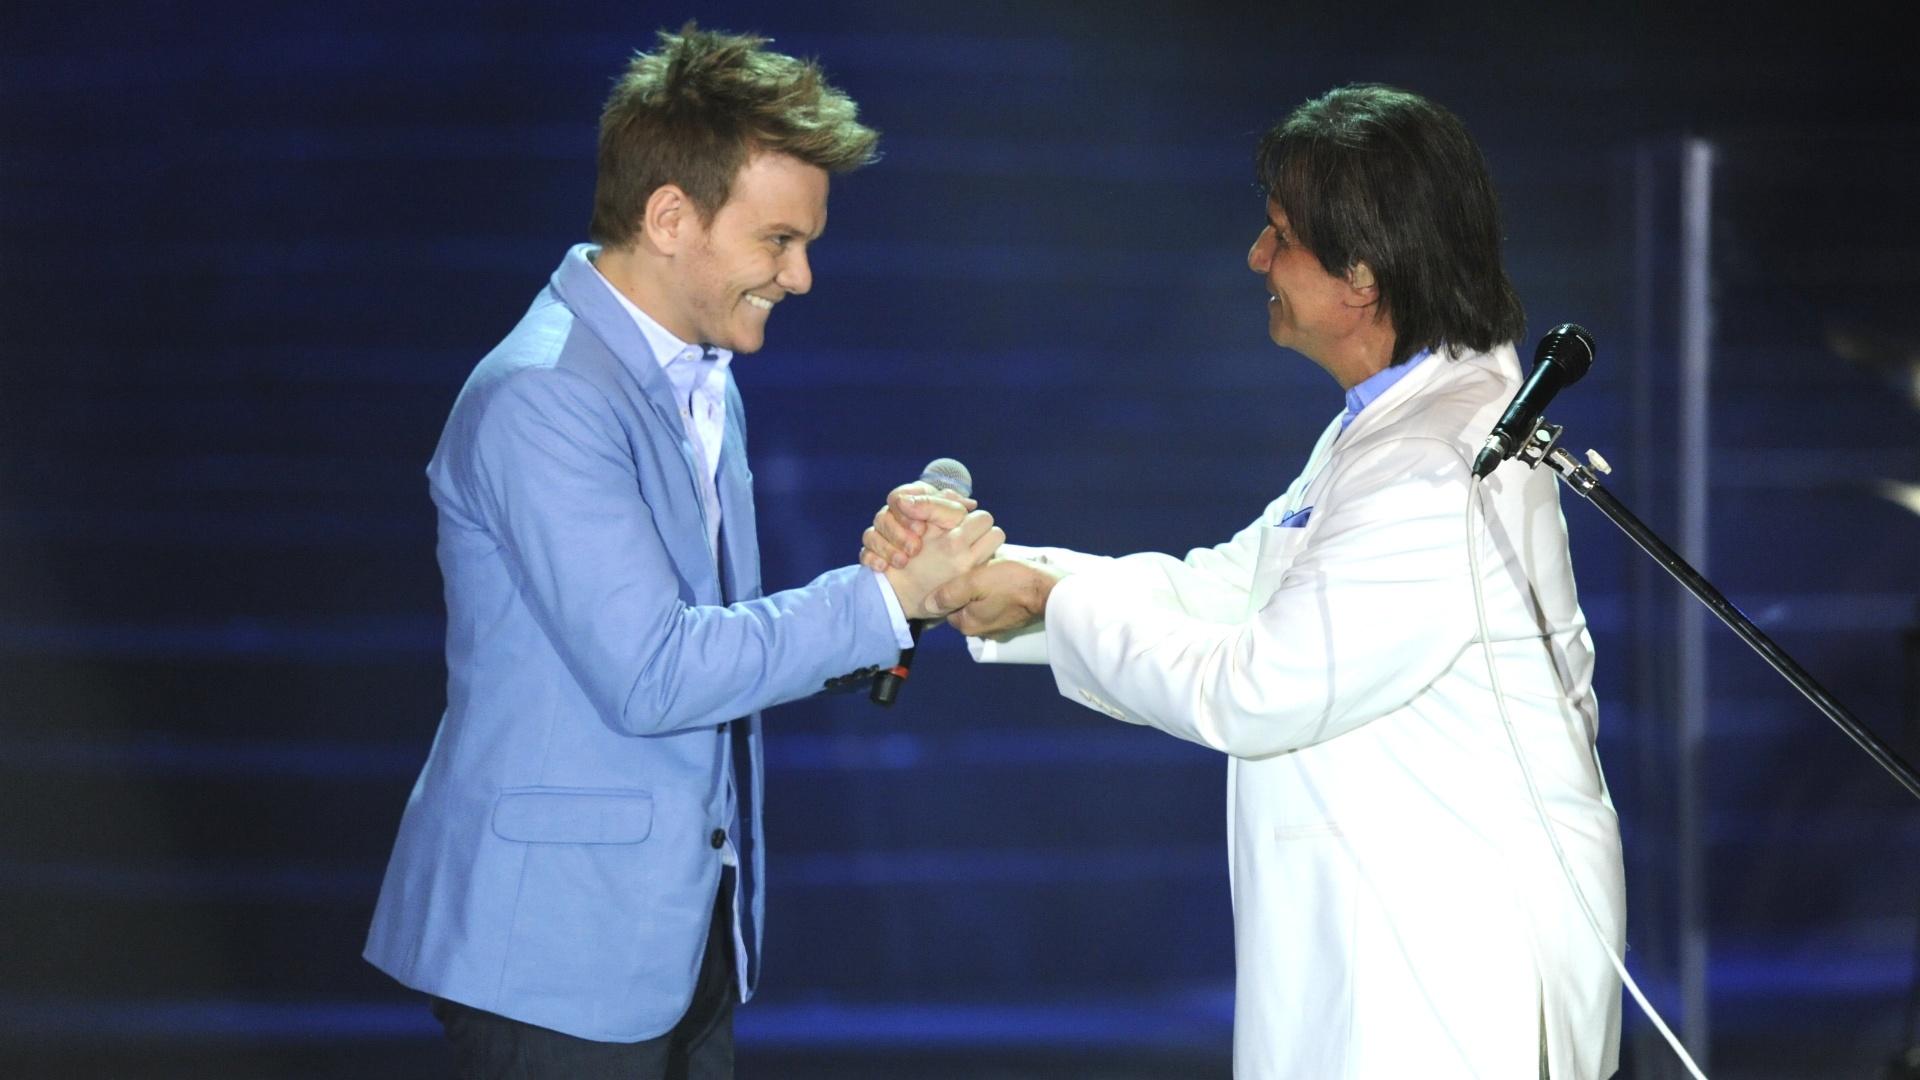 Roberto Carlos recebe Michel Teló durante show especial de fim de ano da Globo, no Rio de Janeiro (21/11/12)